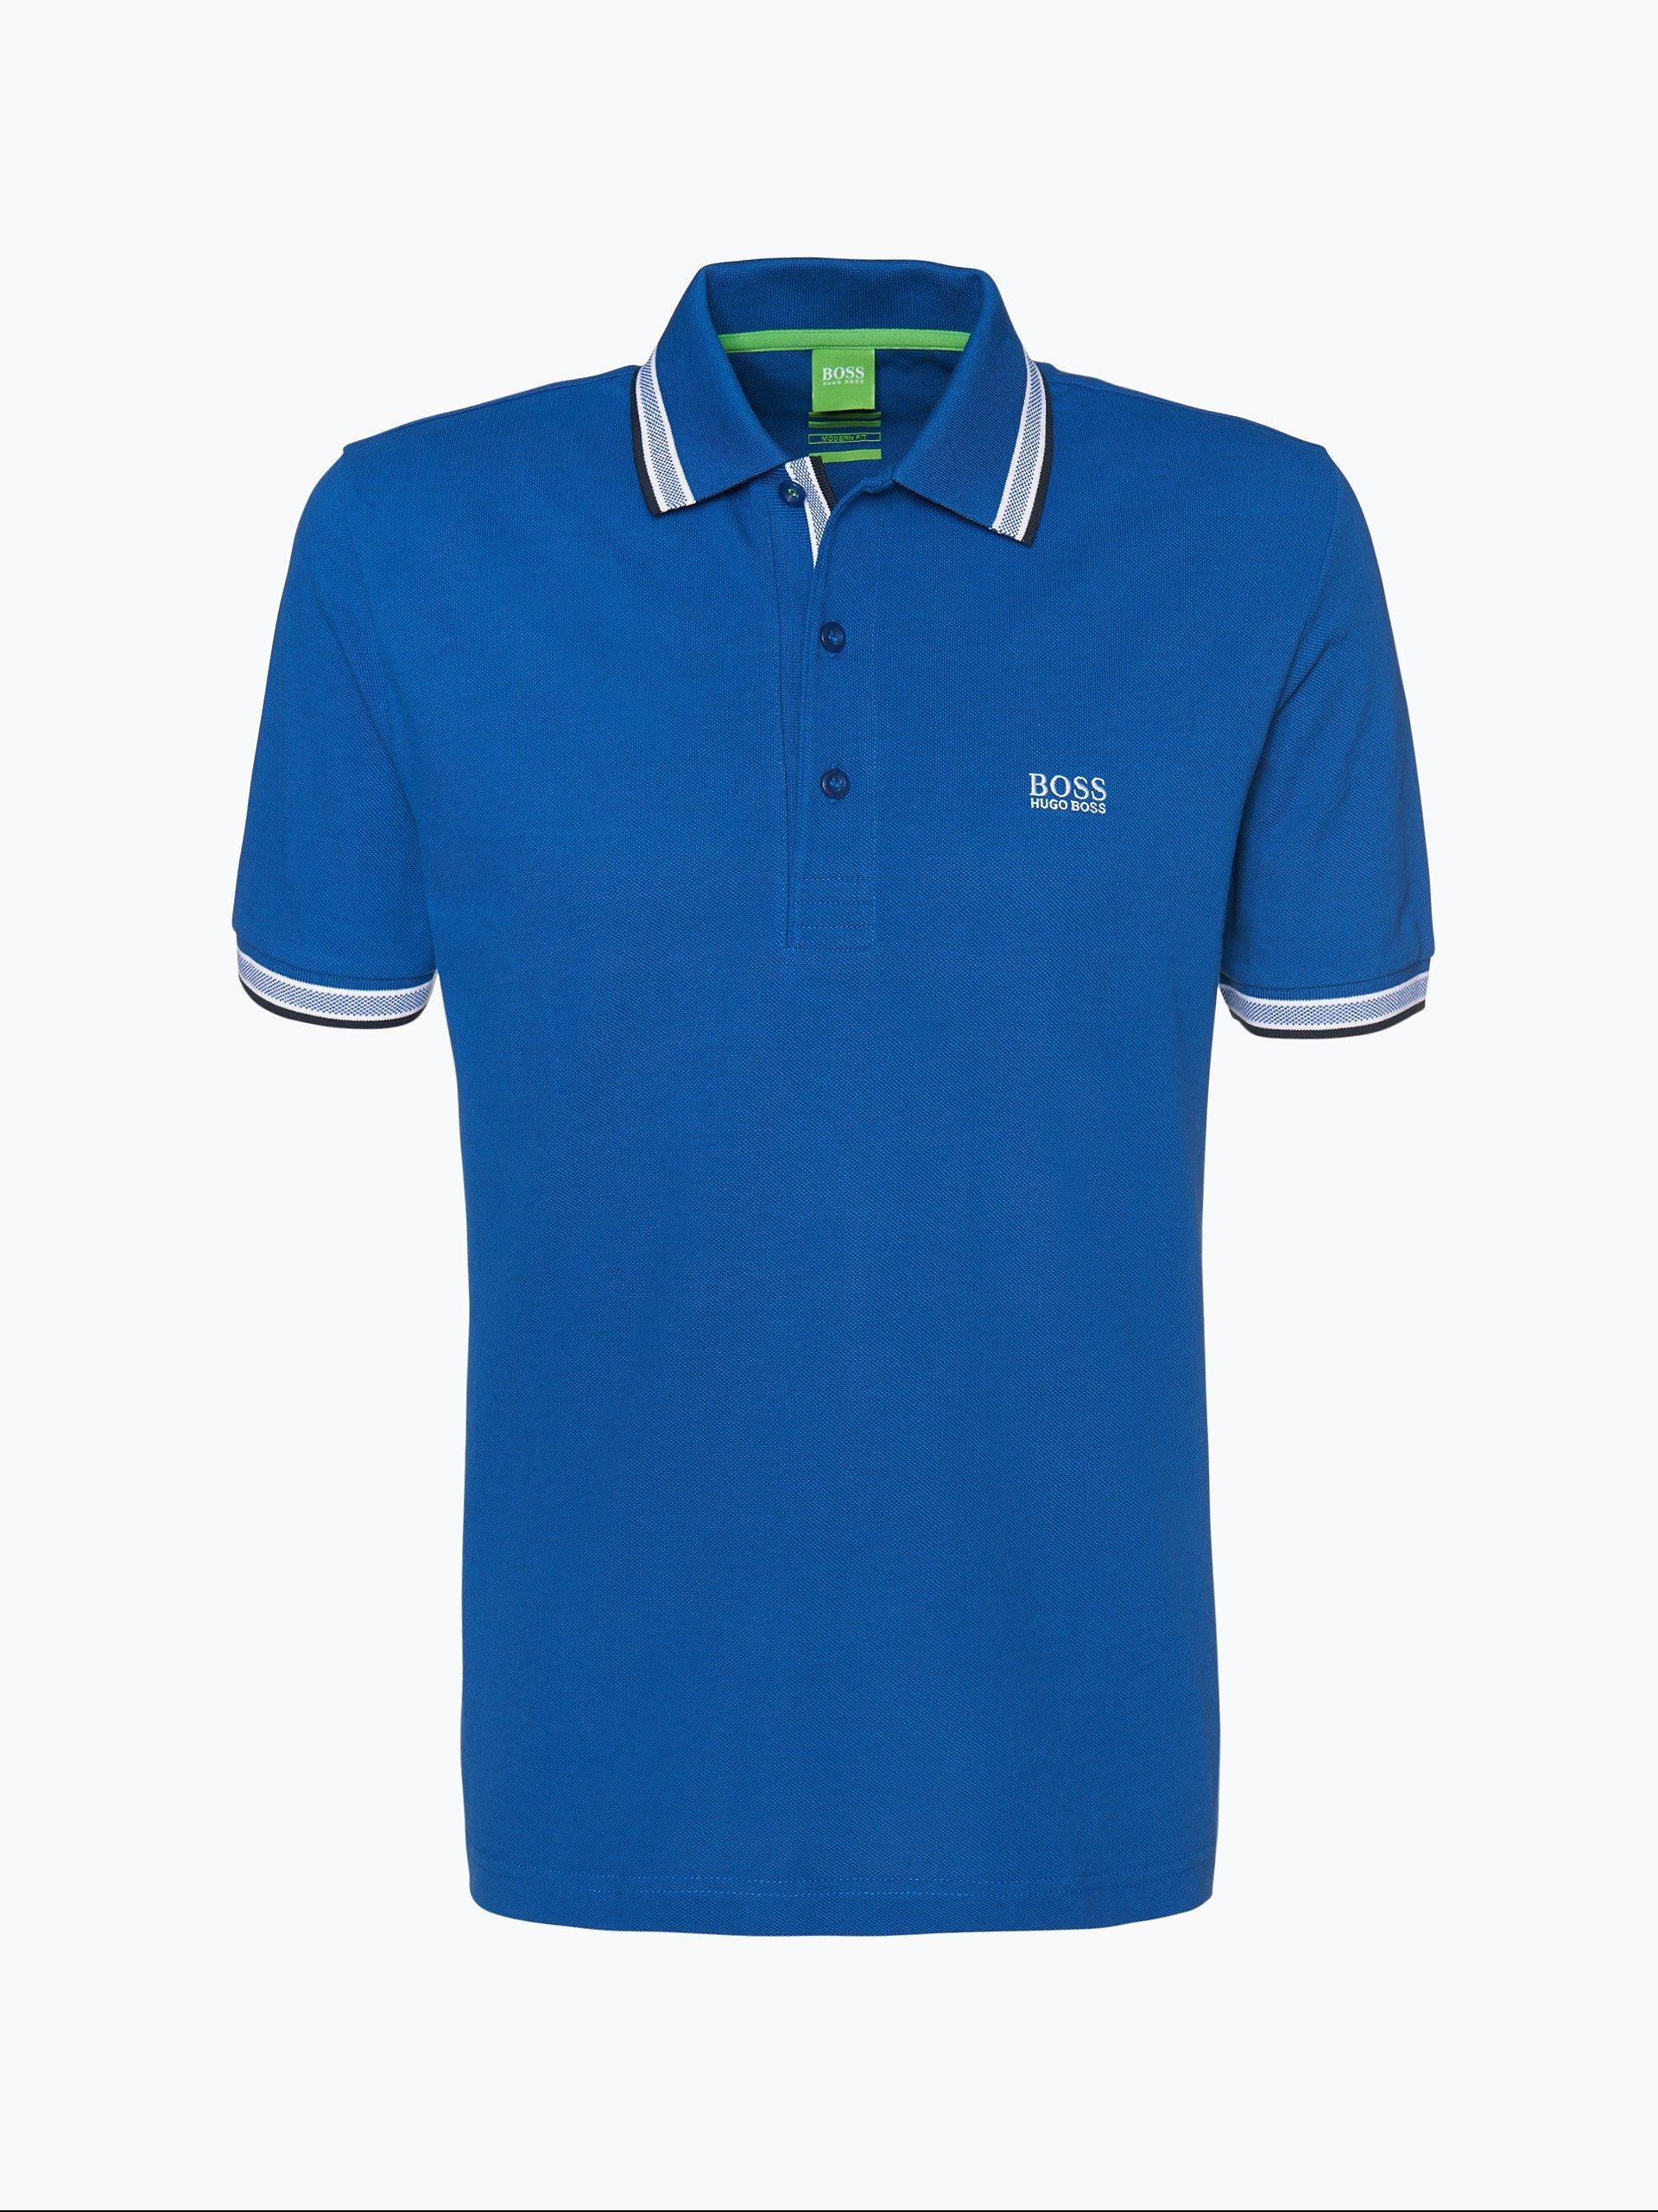 BOSS Menswear Athleisure Męska koszulka polo – Paddy